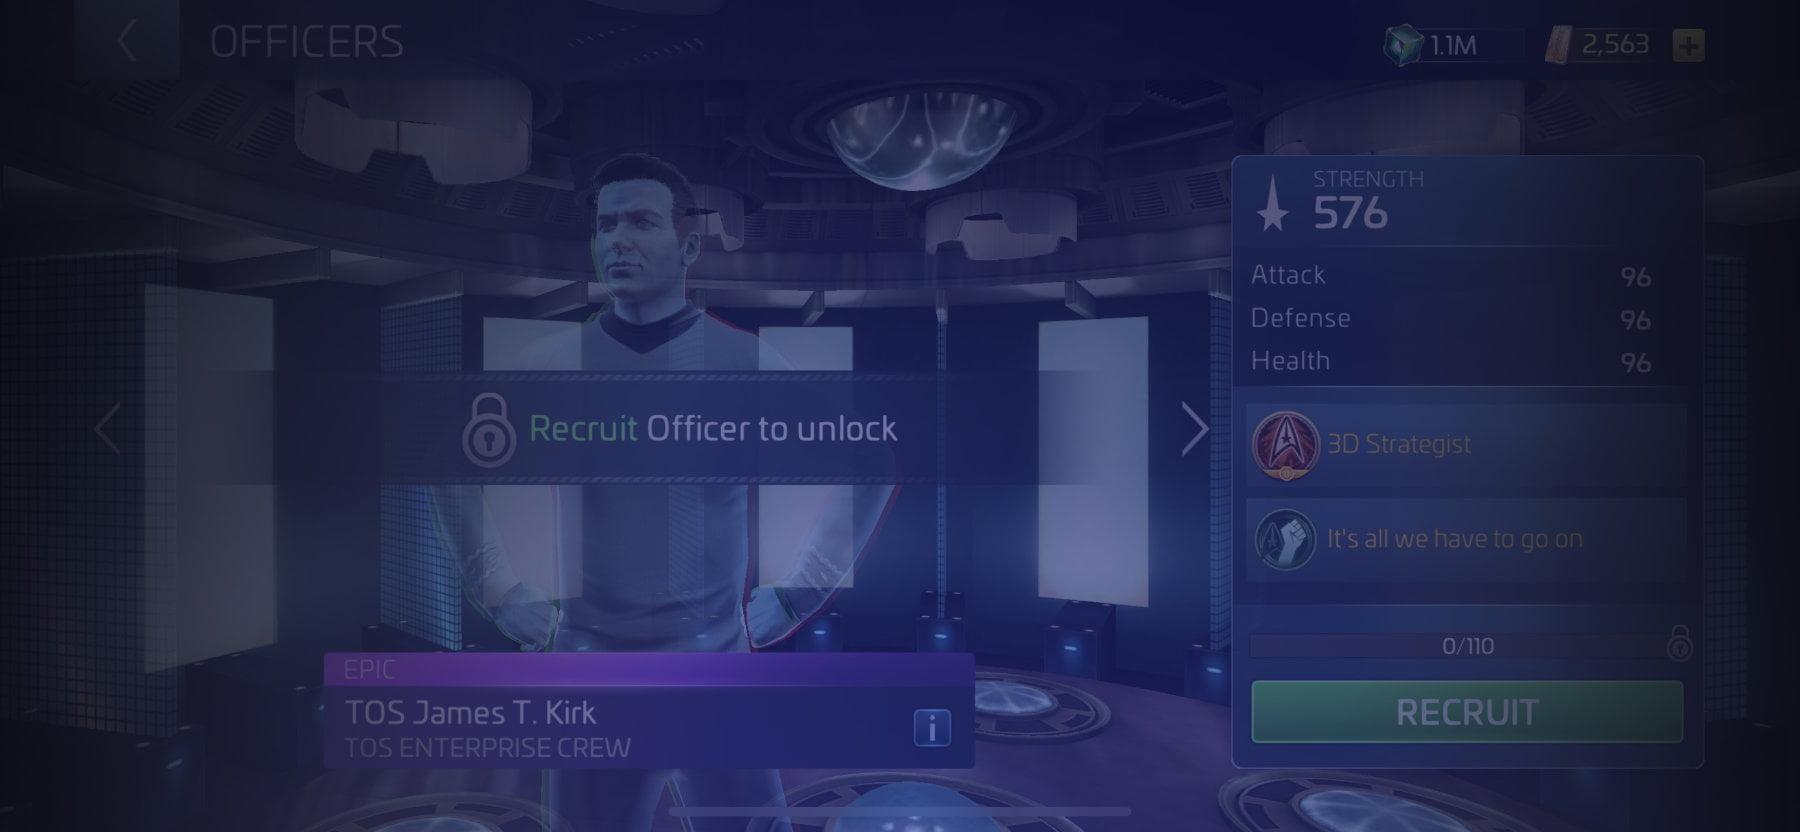 Officer TOS James T. Kirk